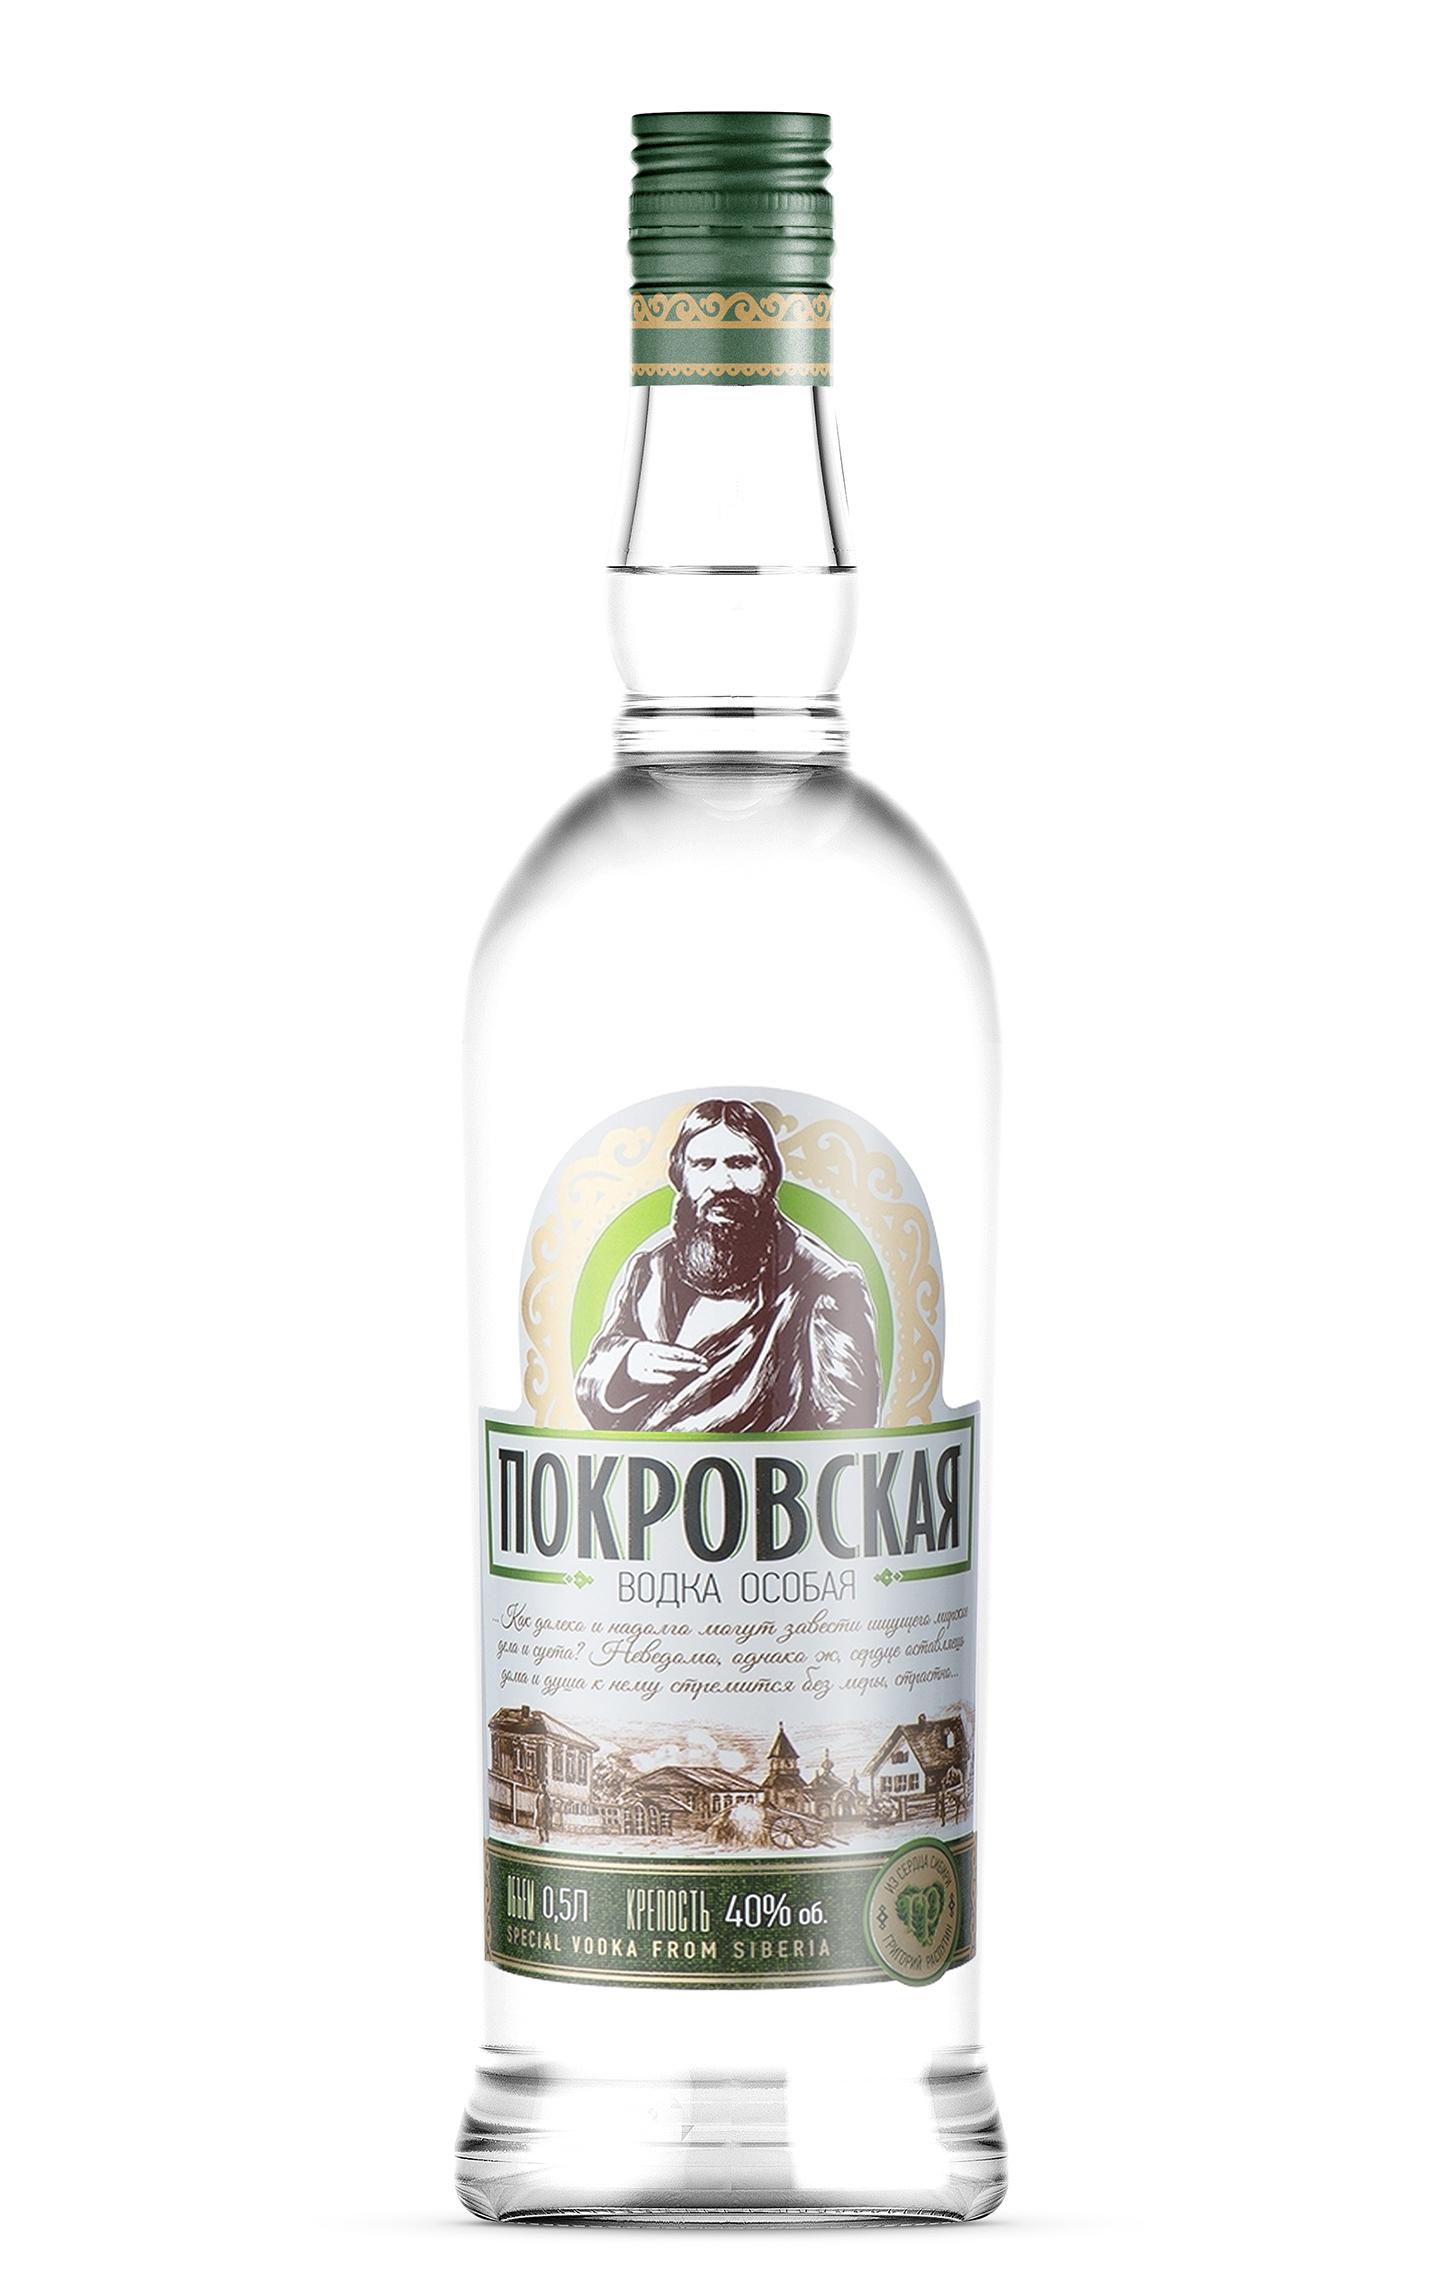 Предметная фотосъемка алкогольной продукции для каталога и сайта Екатеринбург